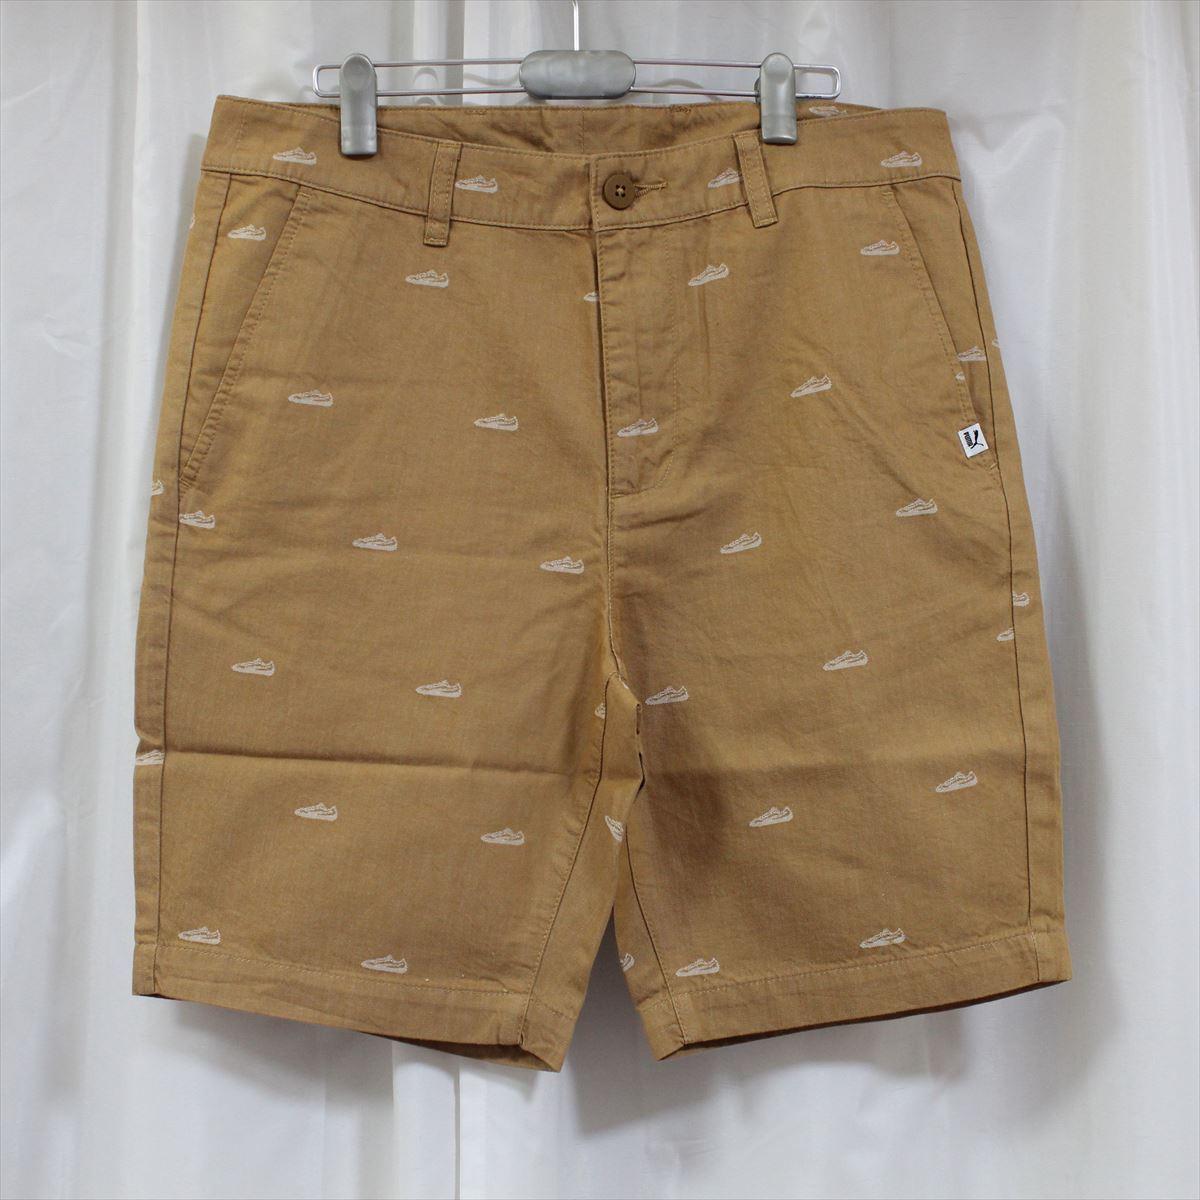 プーマ PUMA メンズ ショートパンツ テニスショーツ ハーフパンツ 短パン ベージュ US32 新品 モノグラム_画像1